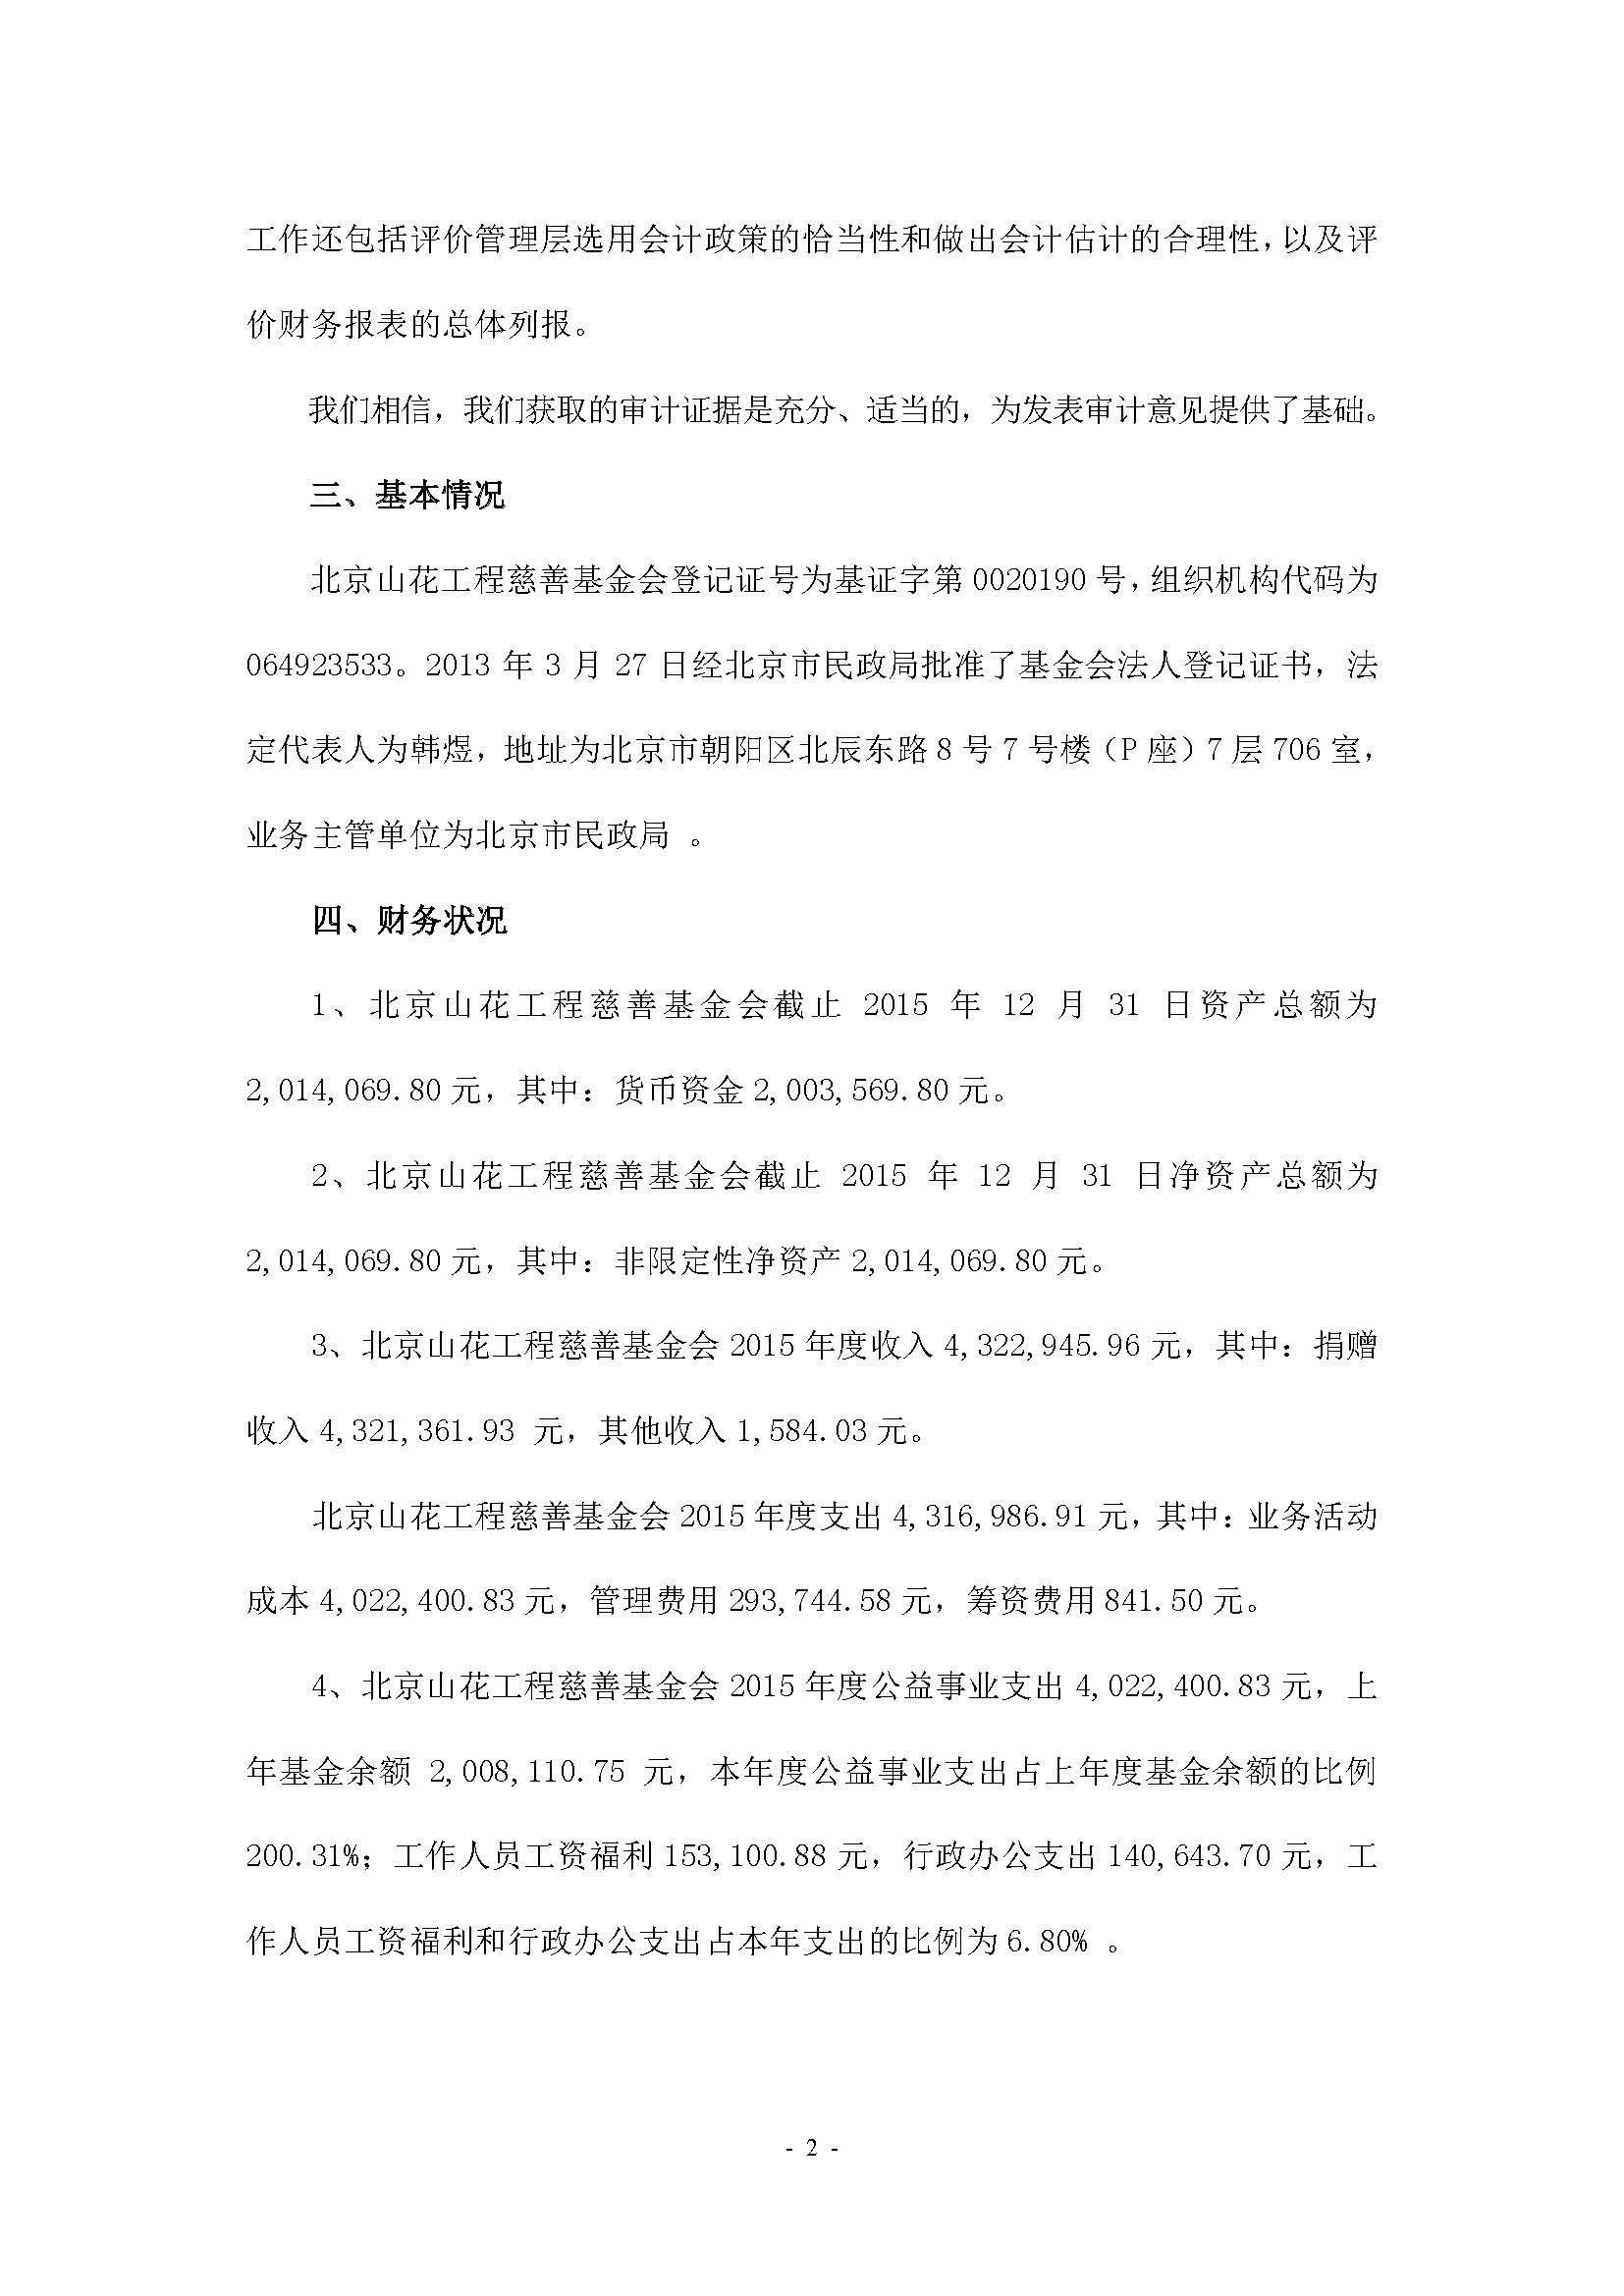 [2016]3016#山花工程基金会审计报告(电子签章)_页面_03